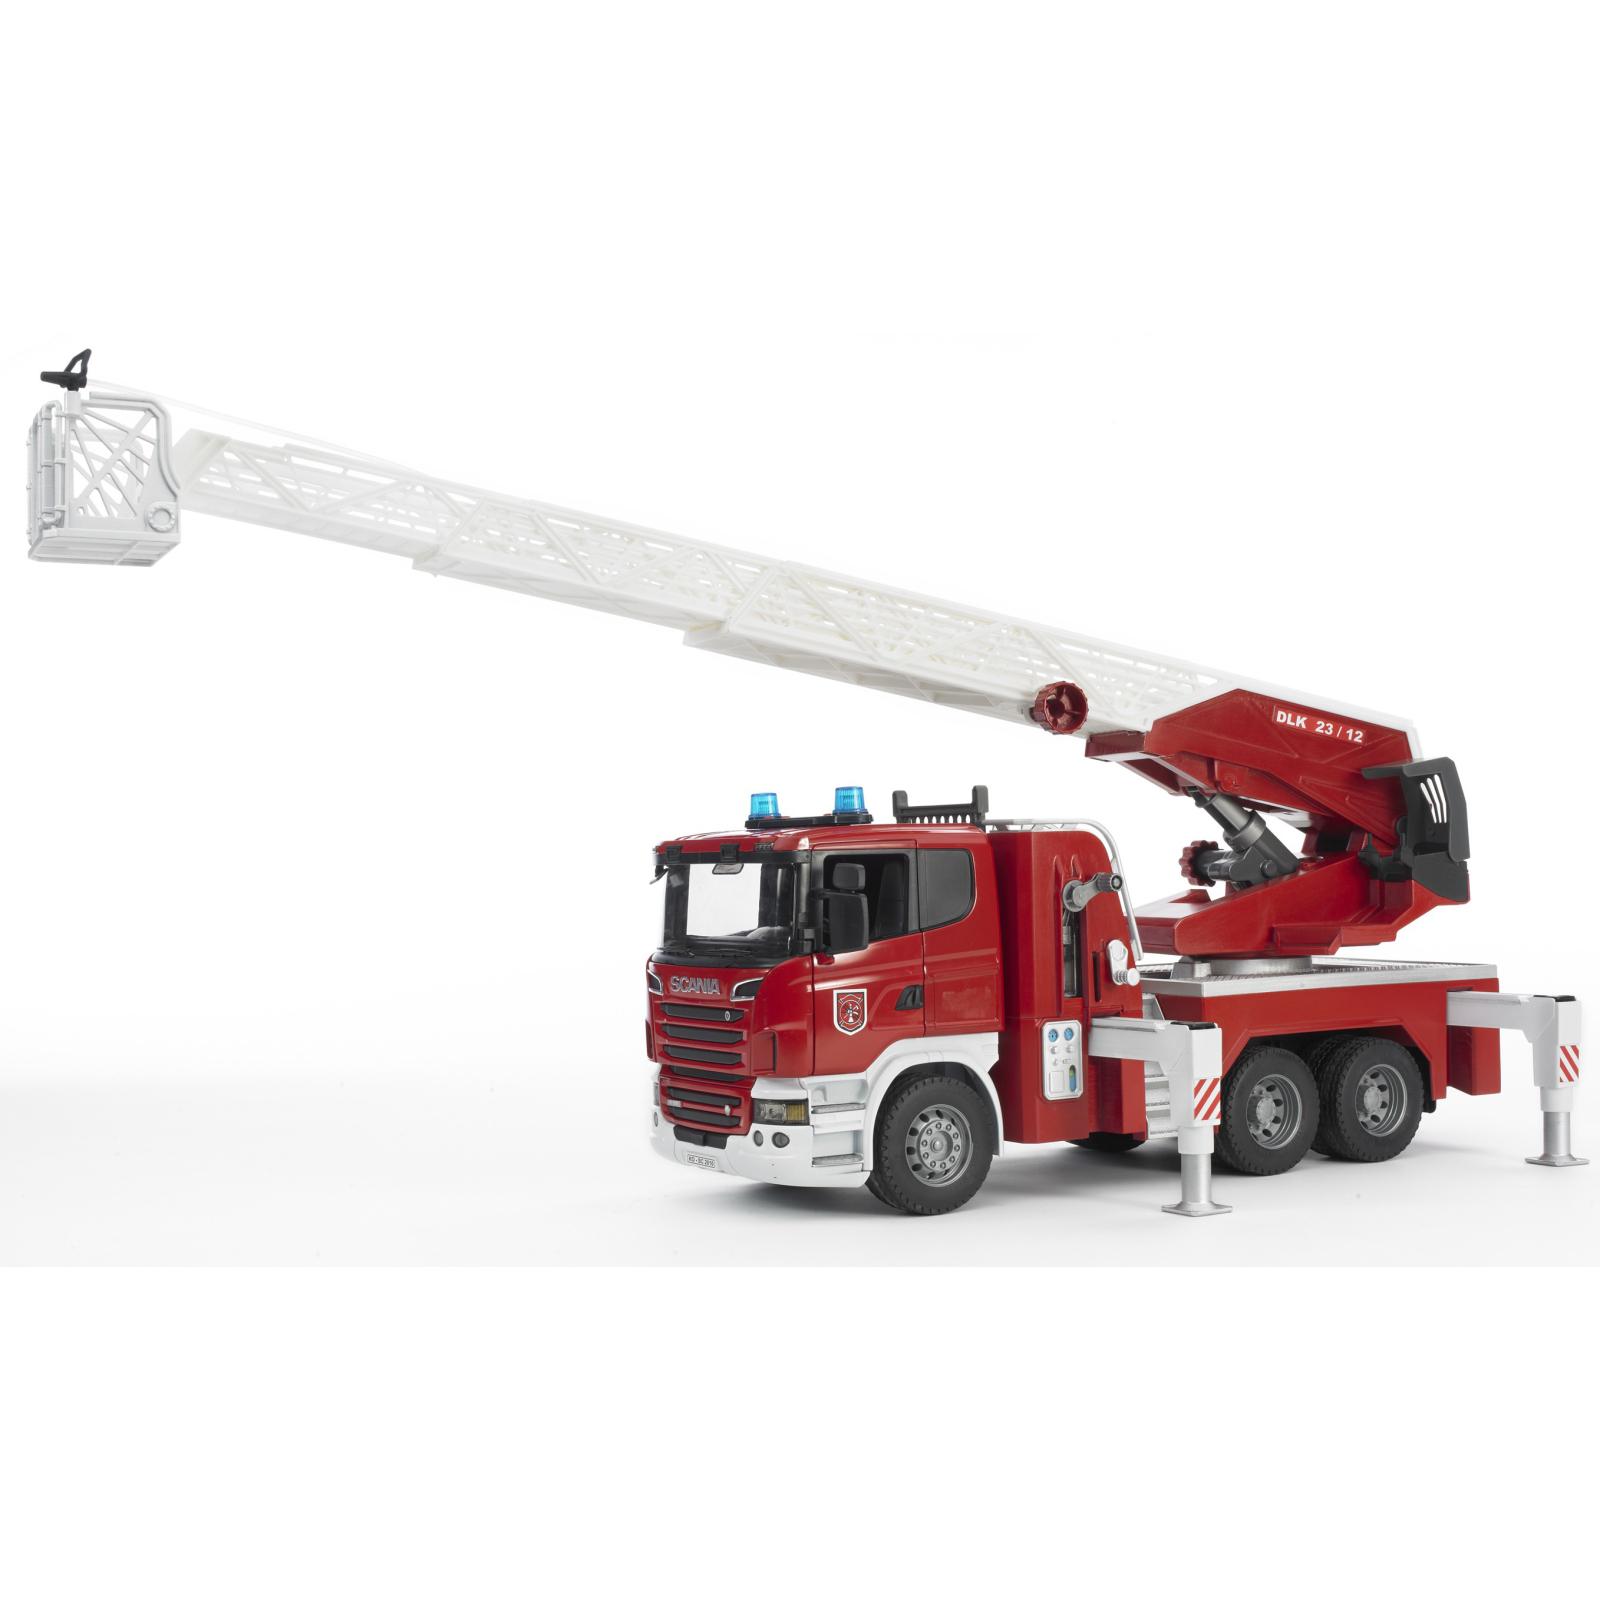 Спецтехника Bruder Большая пожарная машина Scania R-series с лестницей М1:16 (03590) изображение 2